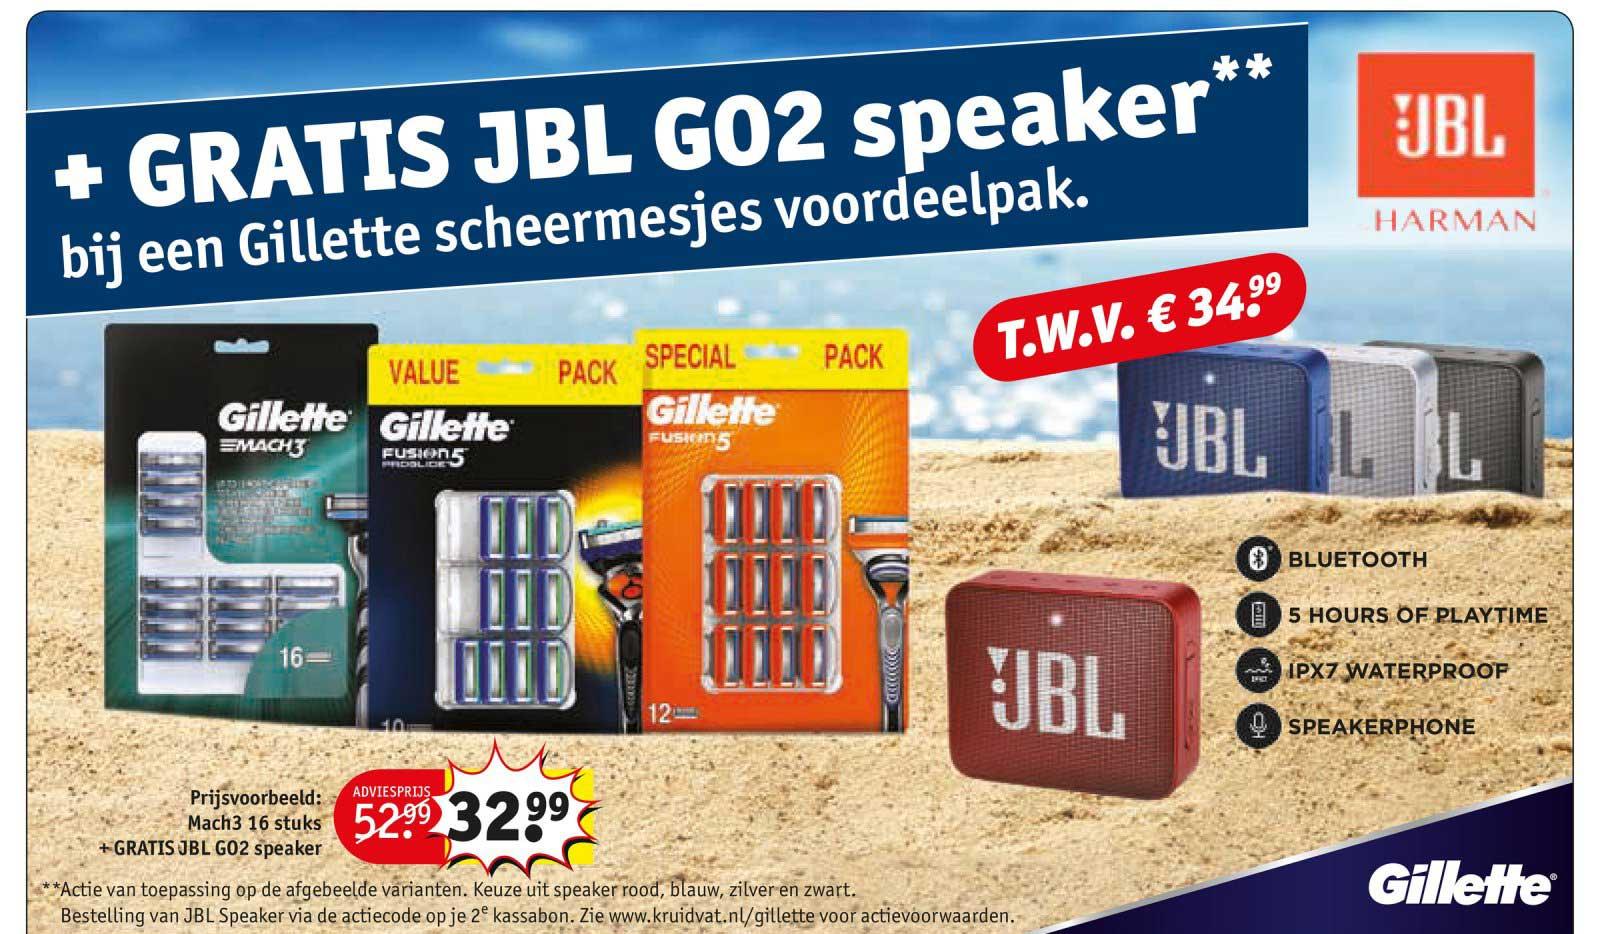 Kruidvat Gillette Scheermesjes Voordeelpak + GRATIS JBL GO2 Speaker